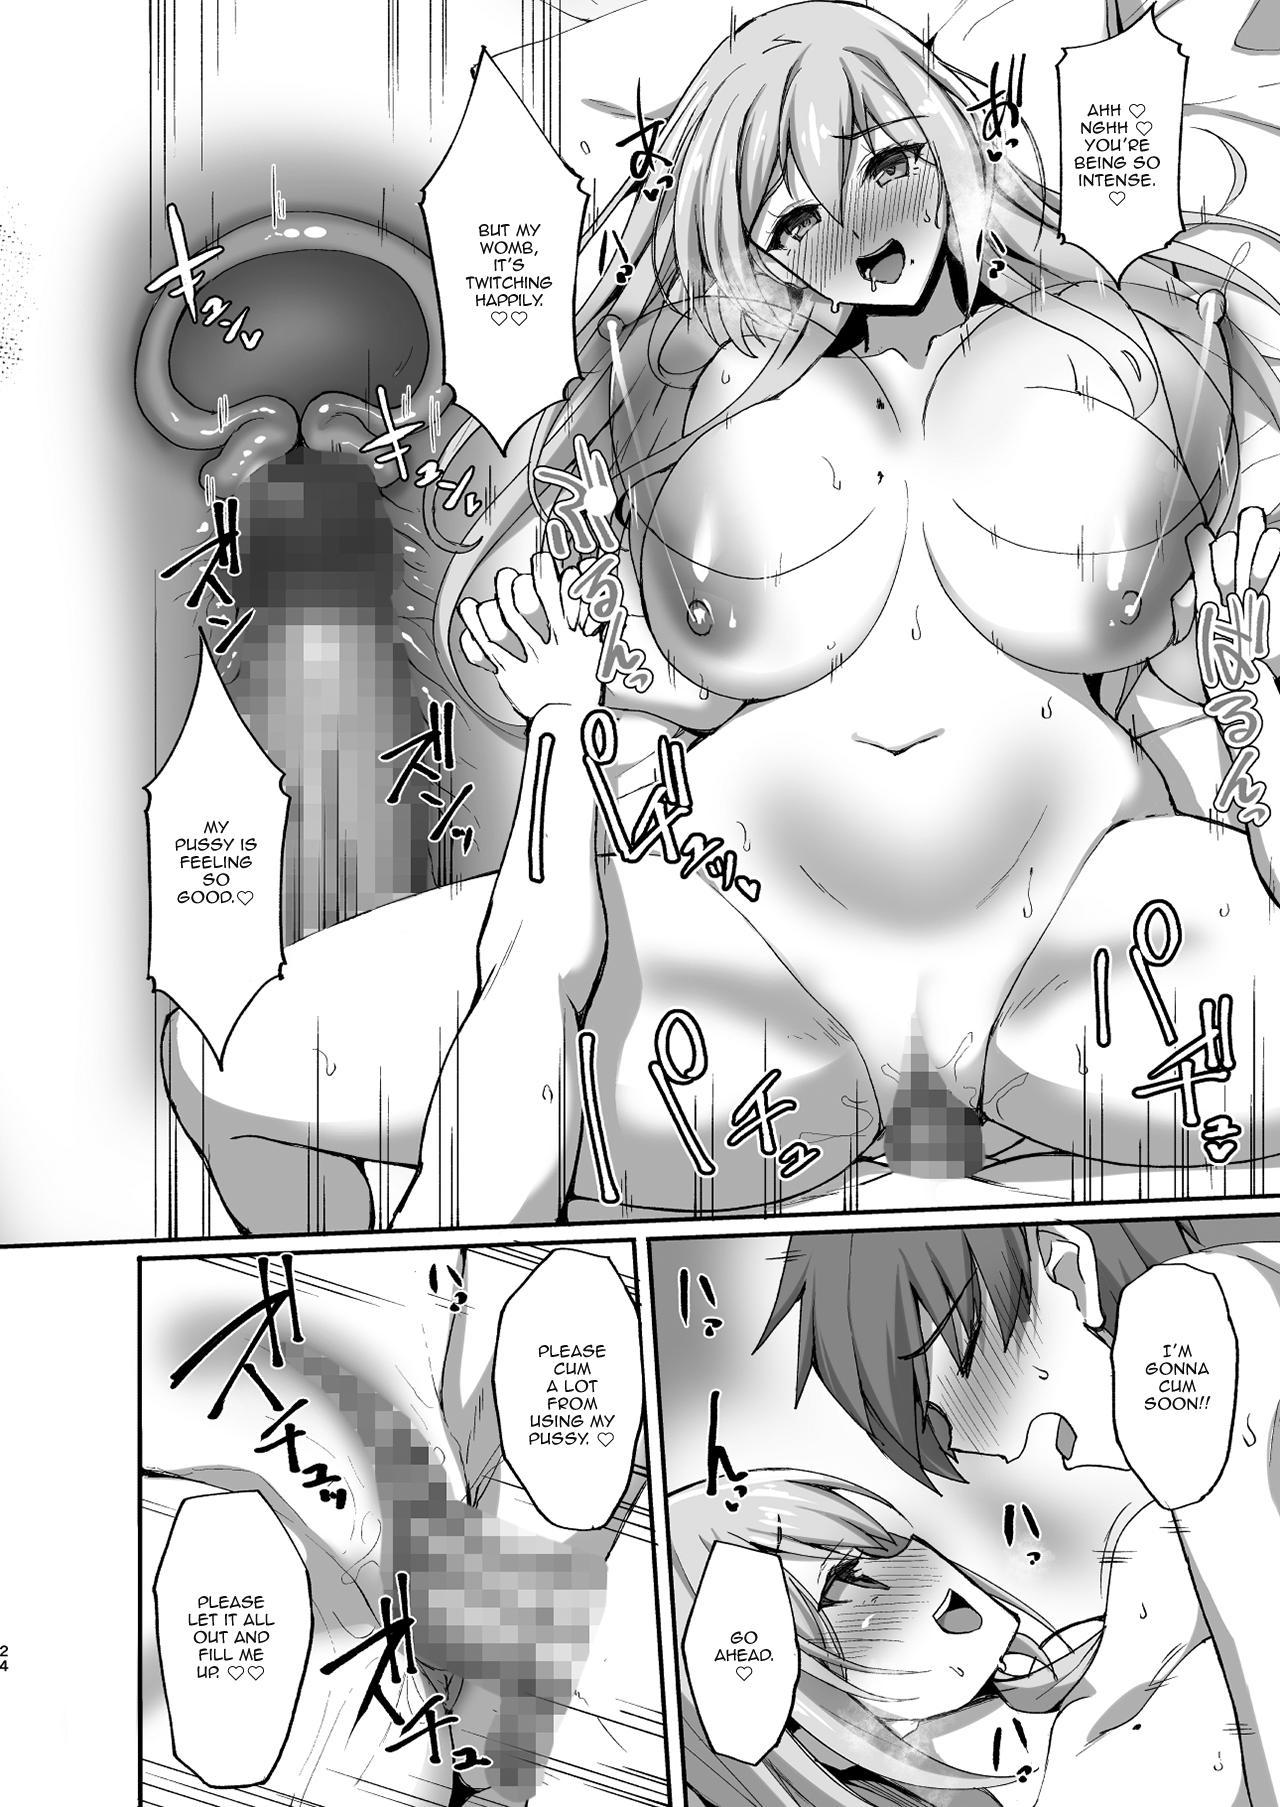 [Labomagi! (Takeda Aranobu)] Ecchi na Onee-san wa, Suki desu ka? ~Seiteki ni Amaesasete Kureru Tonari no Onee-san to no Nichijou Seikatsu Hen~ [English] [Doujins.com] [Digital] 22